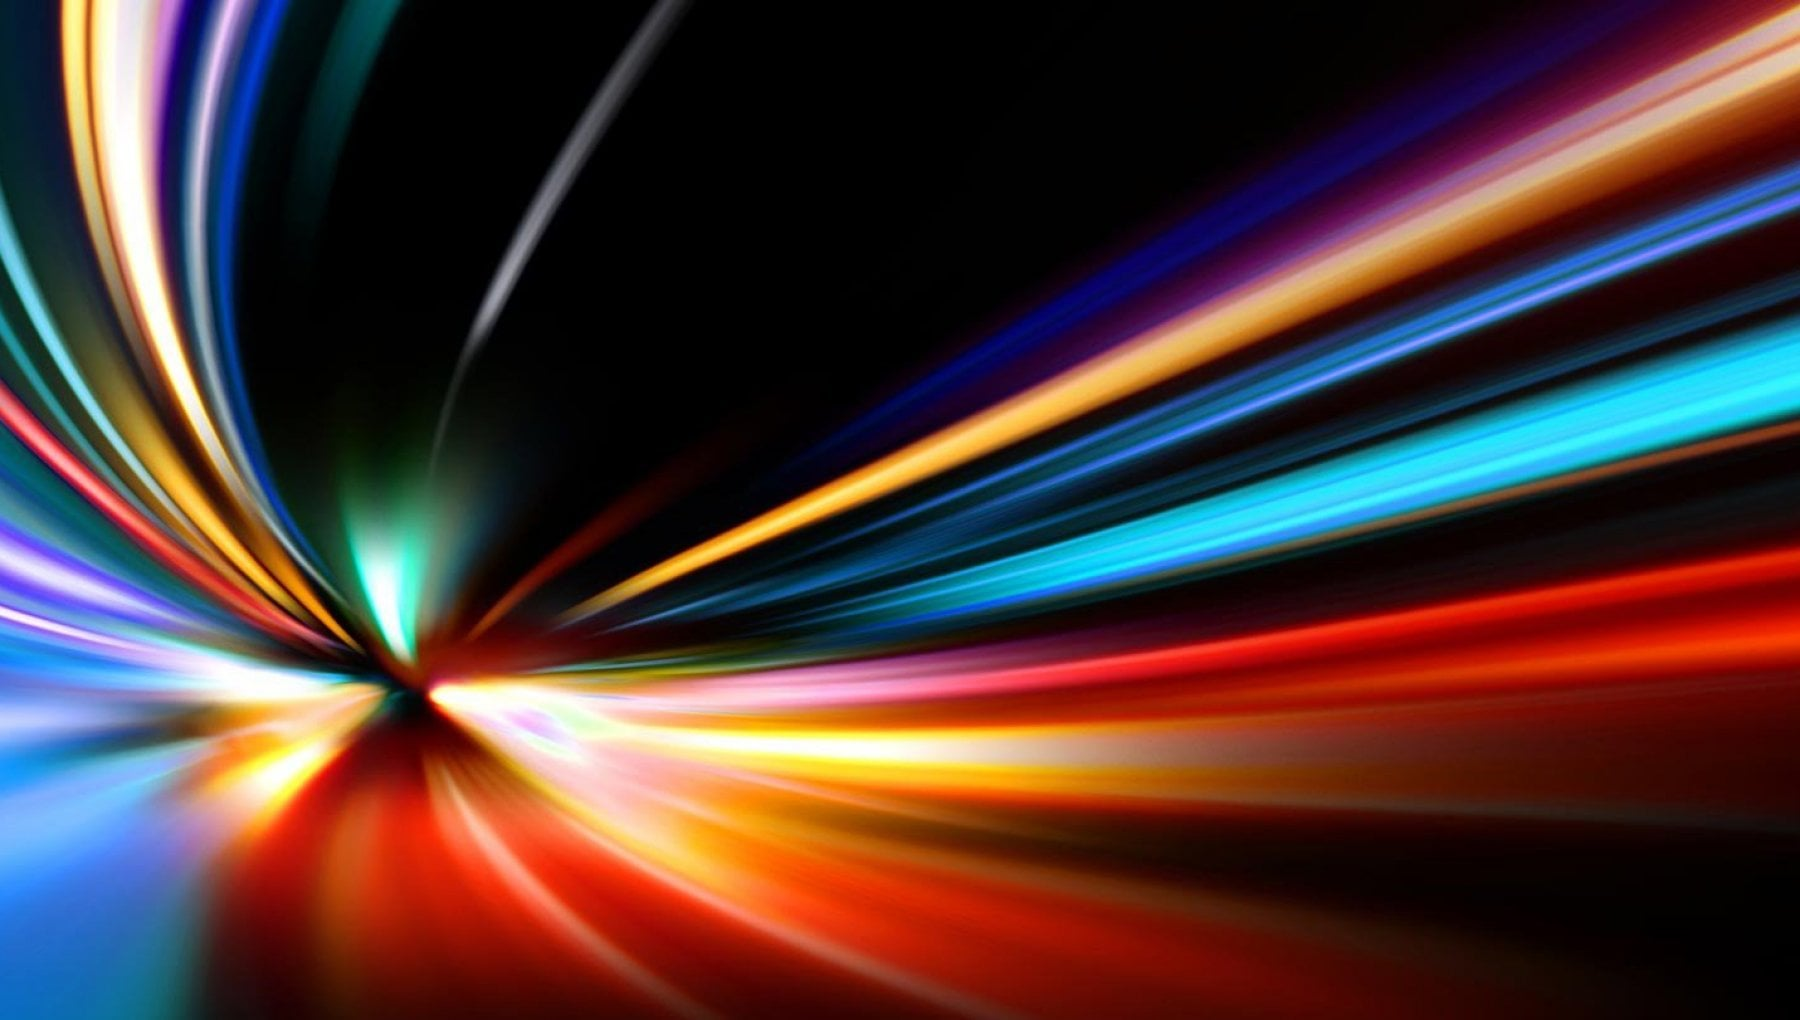 Così gli scienziati hanno fotografato il caos ottico